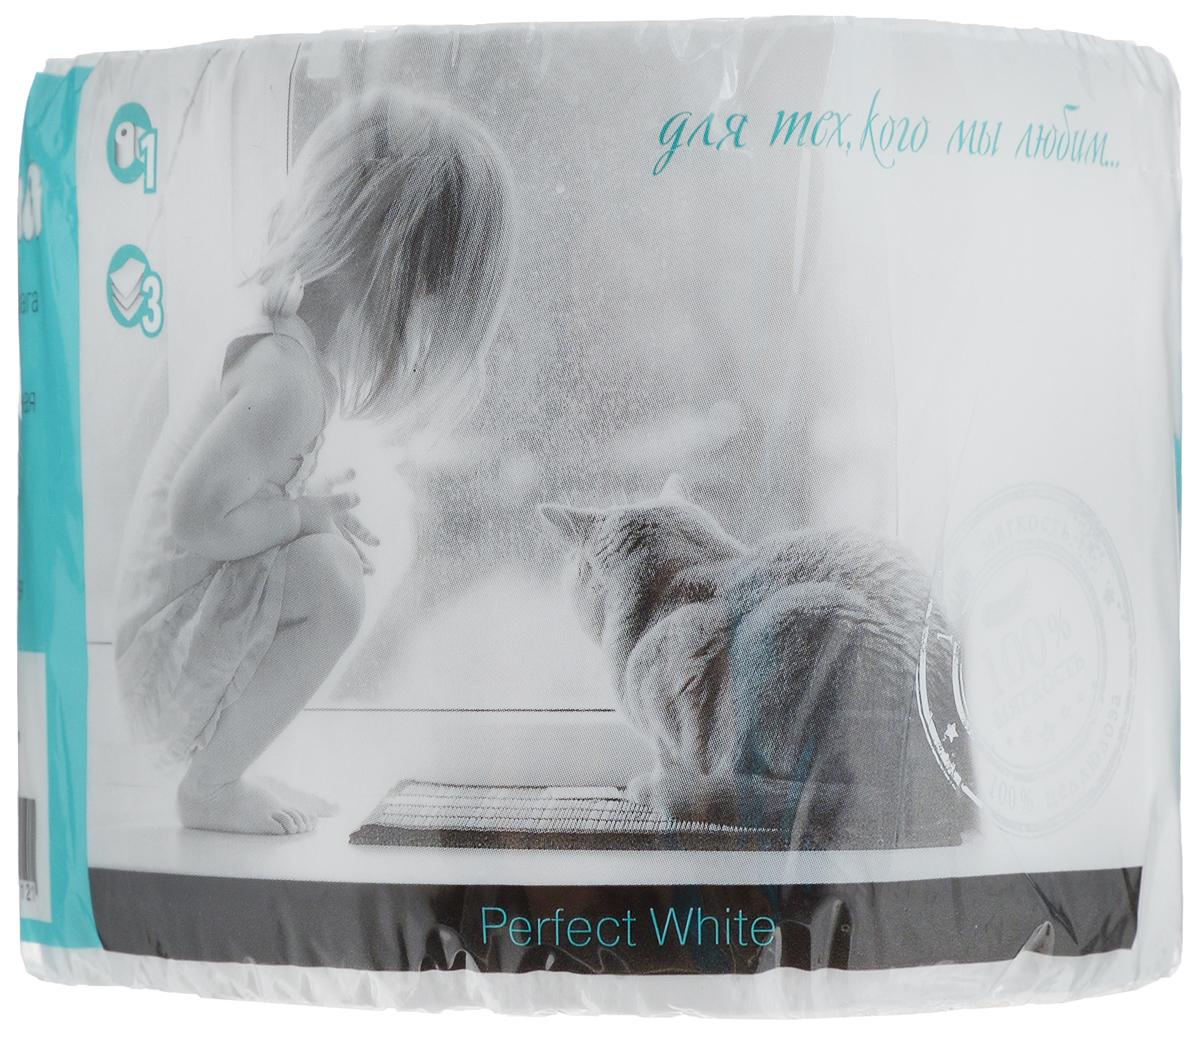 Бумага туалетная Perina Perfect White, трехслойная, 1 рулон121Туалетная бумагаPerina Perfect White выполнена из натуральной целлюлозы. Трехслойная туалетная бумага мягкая, нежная, но в тоже время прочная. Листы имеютрисунок с перфорацией.Длина рулона: 18,8 м.Количество листов: 150 шт.Количество слоев: 3.Размер листа: 12,5 х 9,4 см.